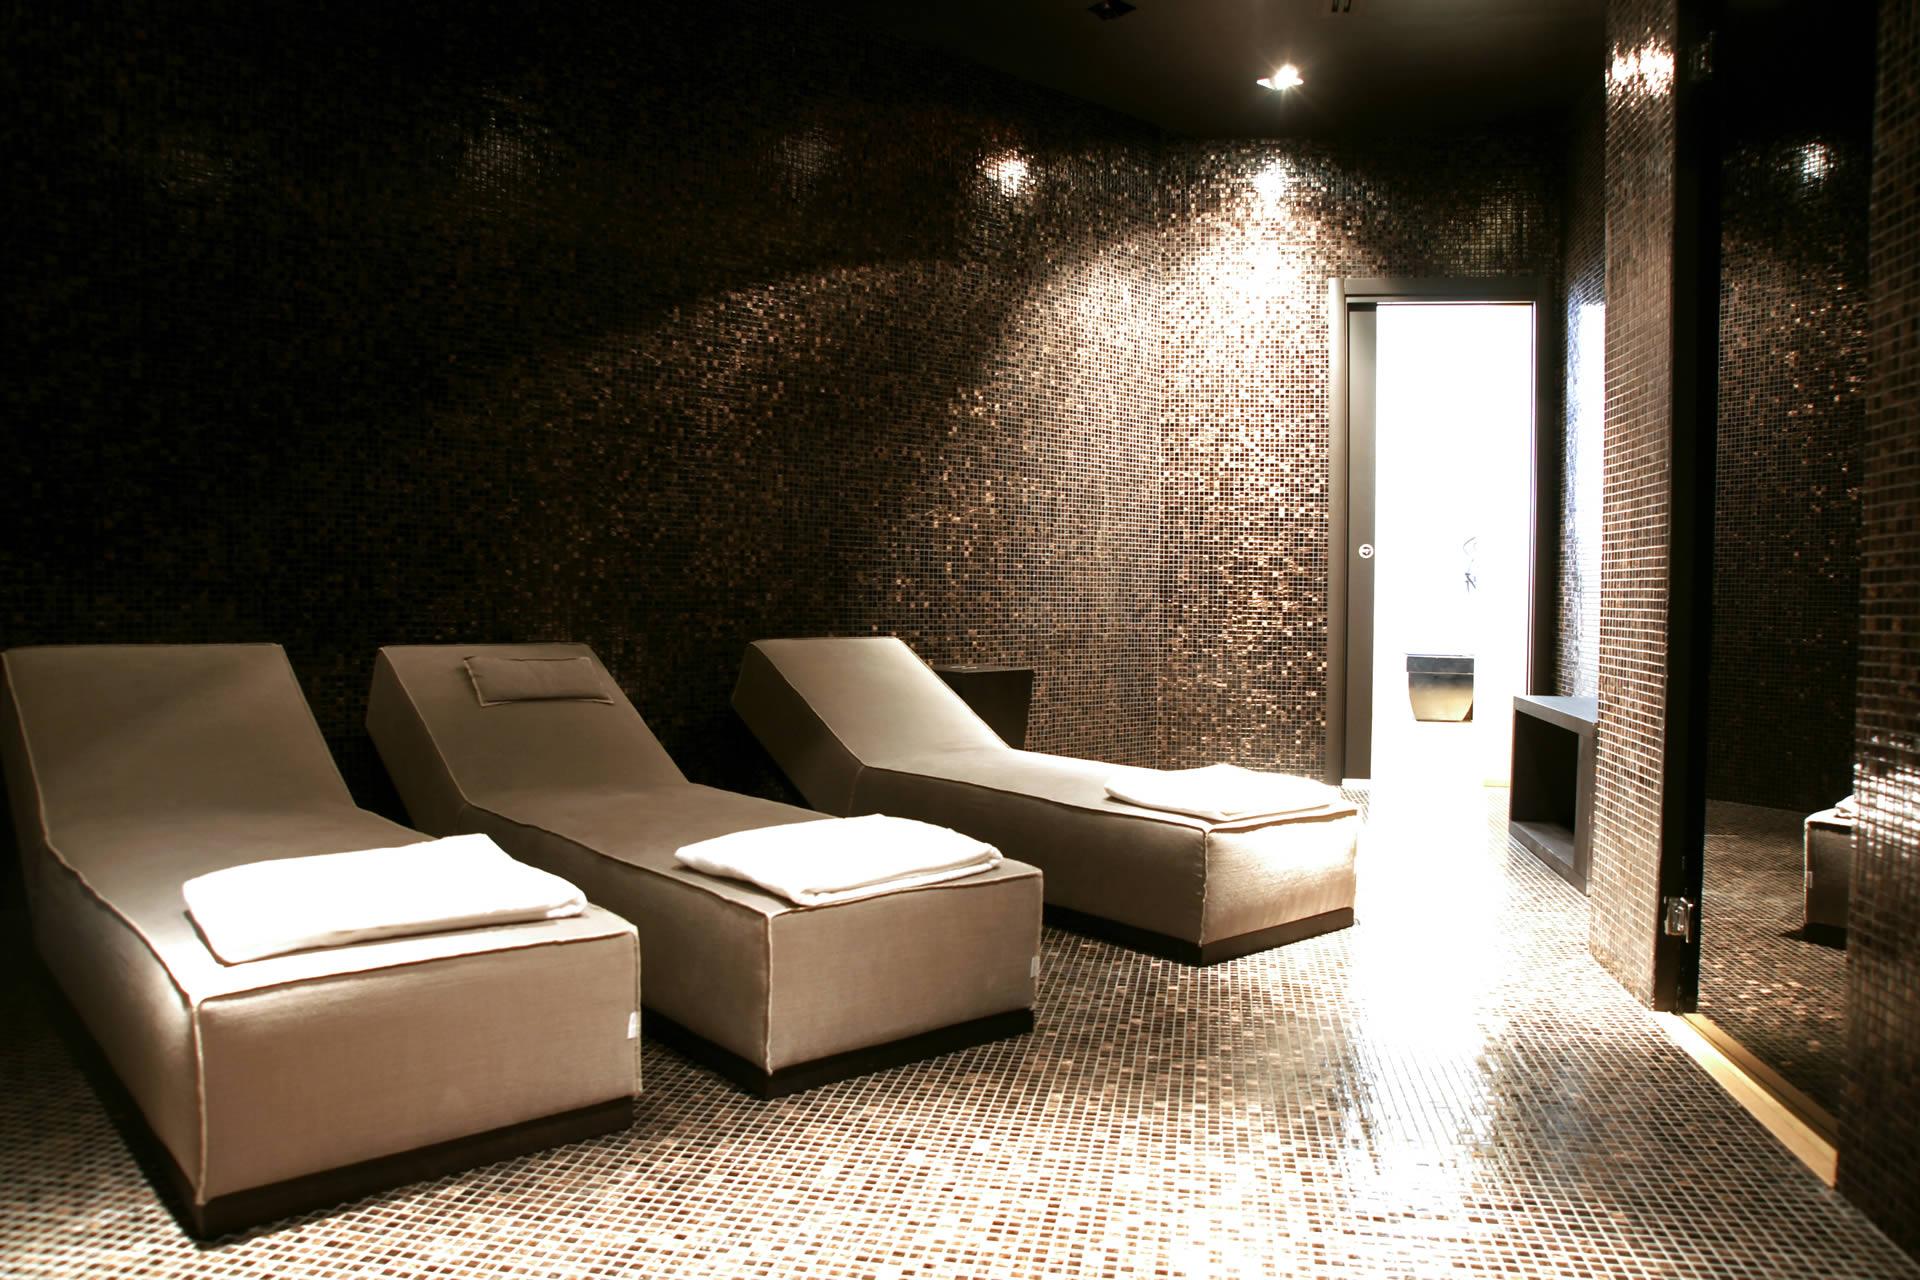 Hotel Santa Teresa di Gallura La Coluccia 4 stelle sul mare - Felix Hotels